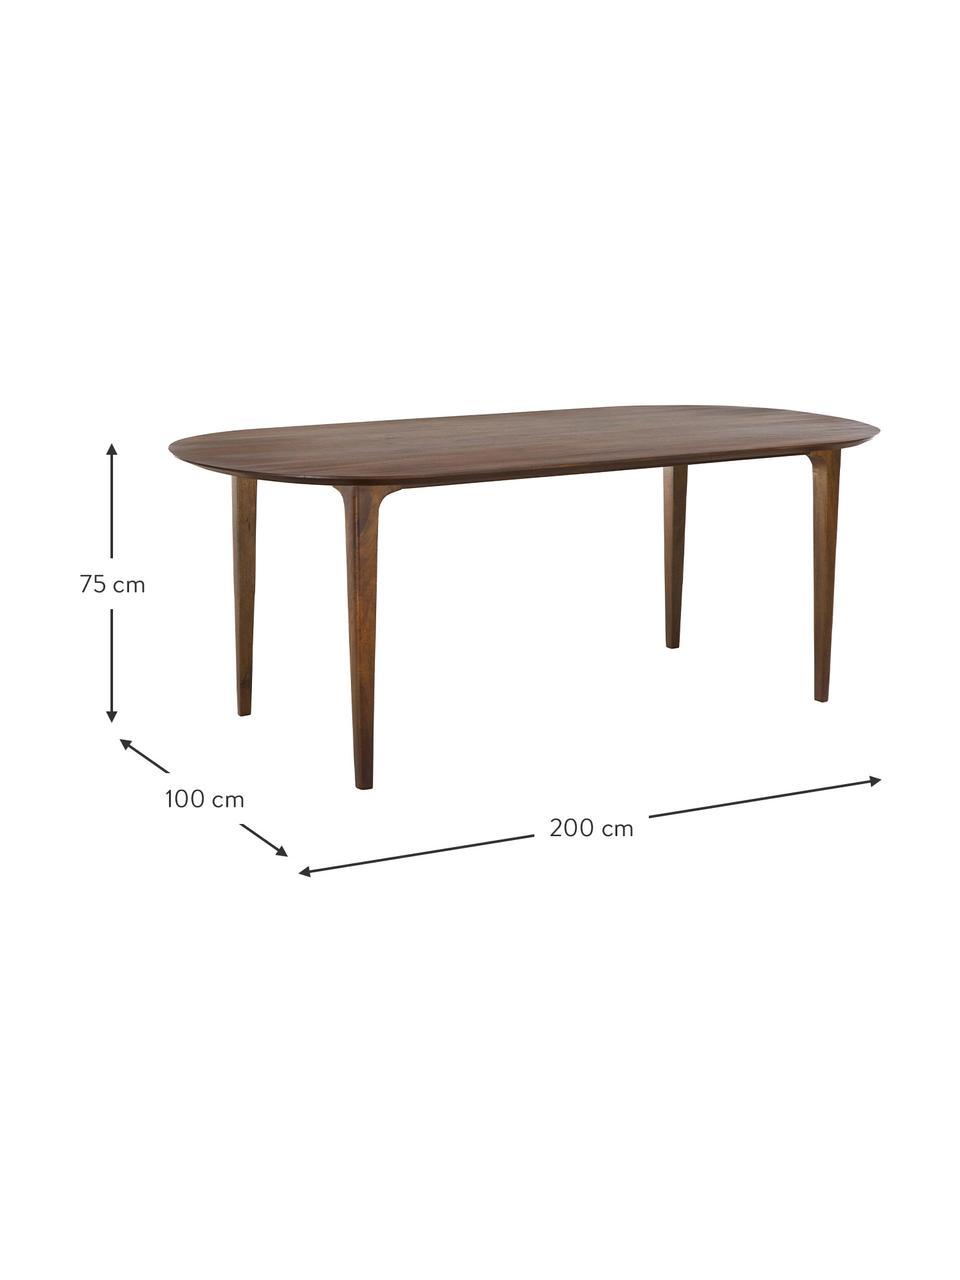 Table ovale en bois massif Oscar, Bois de manguier, laqué foncé